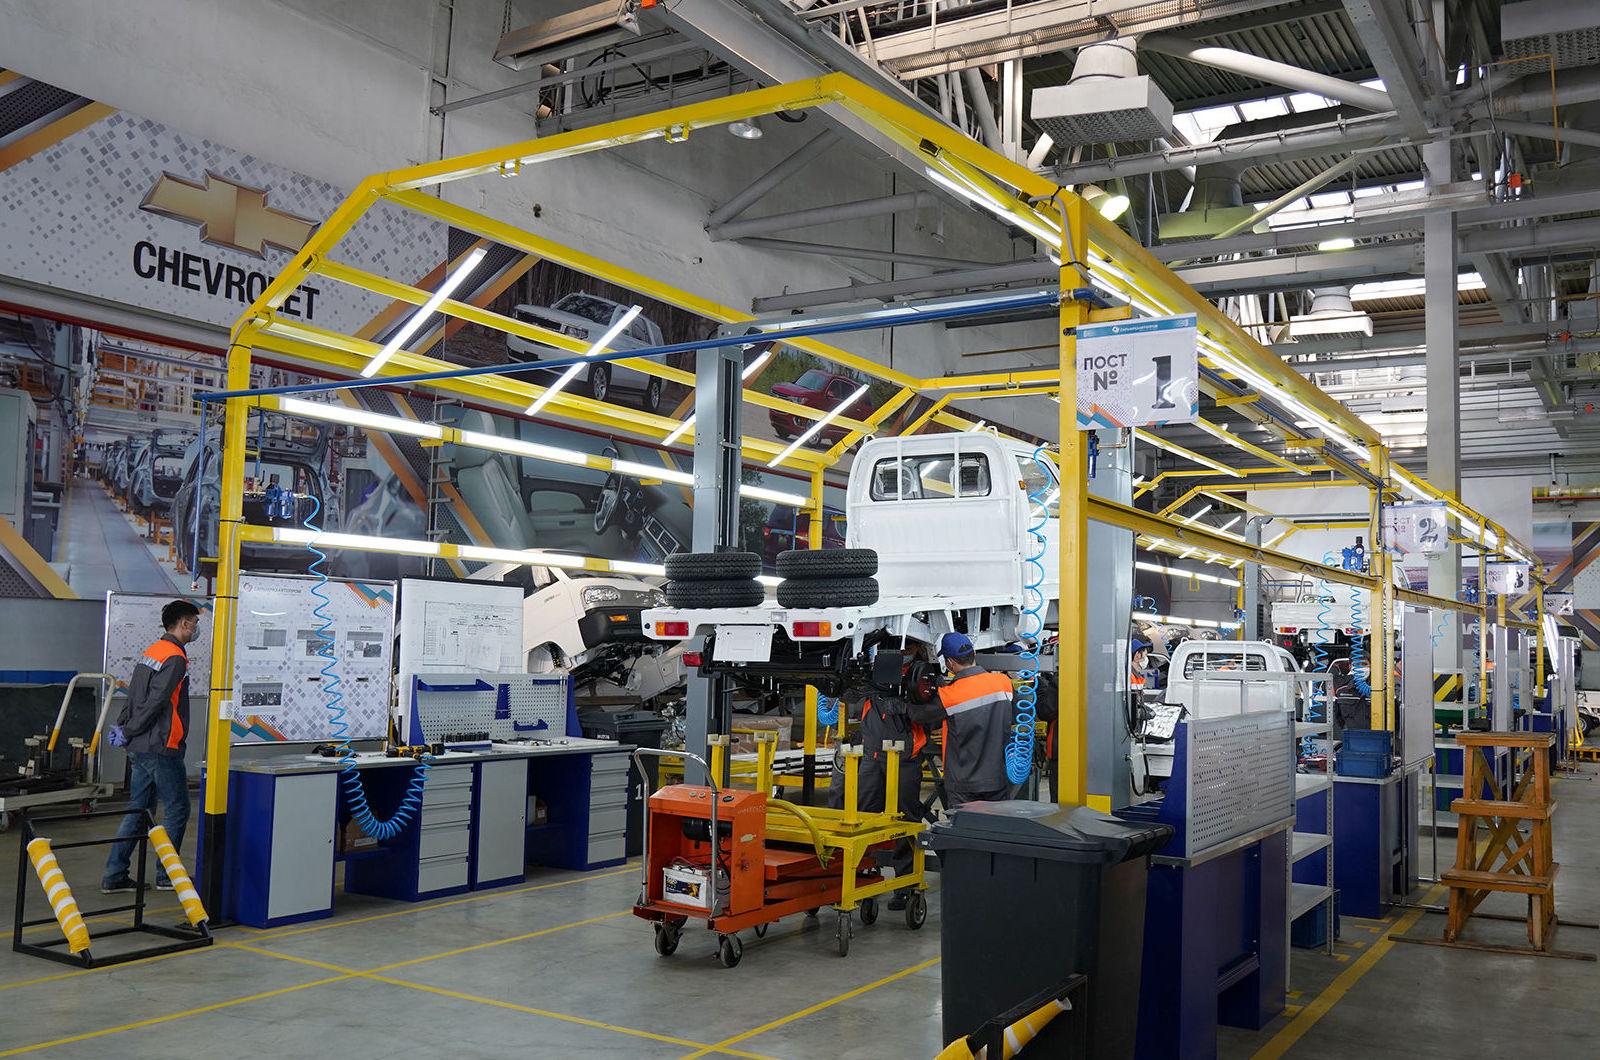 Завод СарыаркаАвтоПром в Костанае, где совместно с UzAuto Motors началась сборка Chevrolet